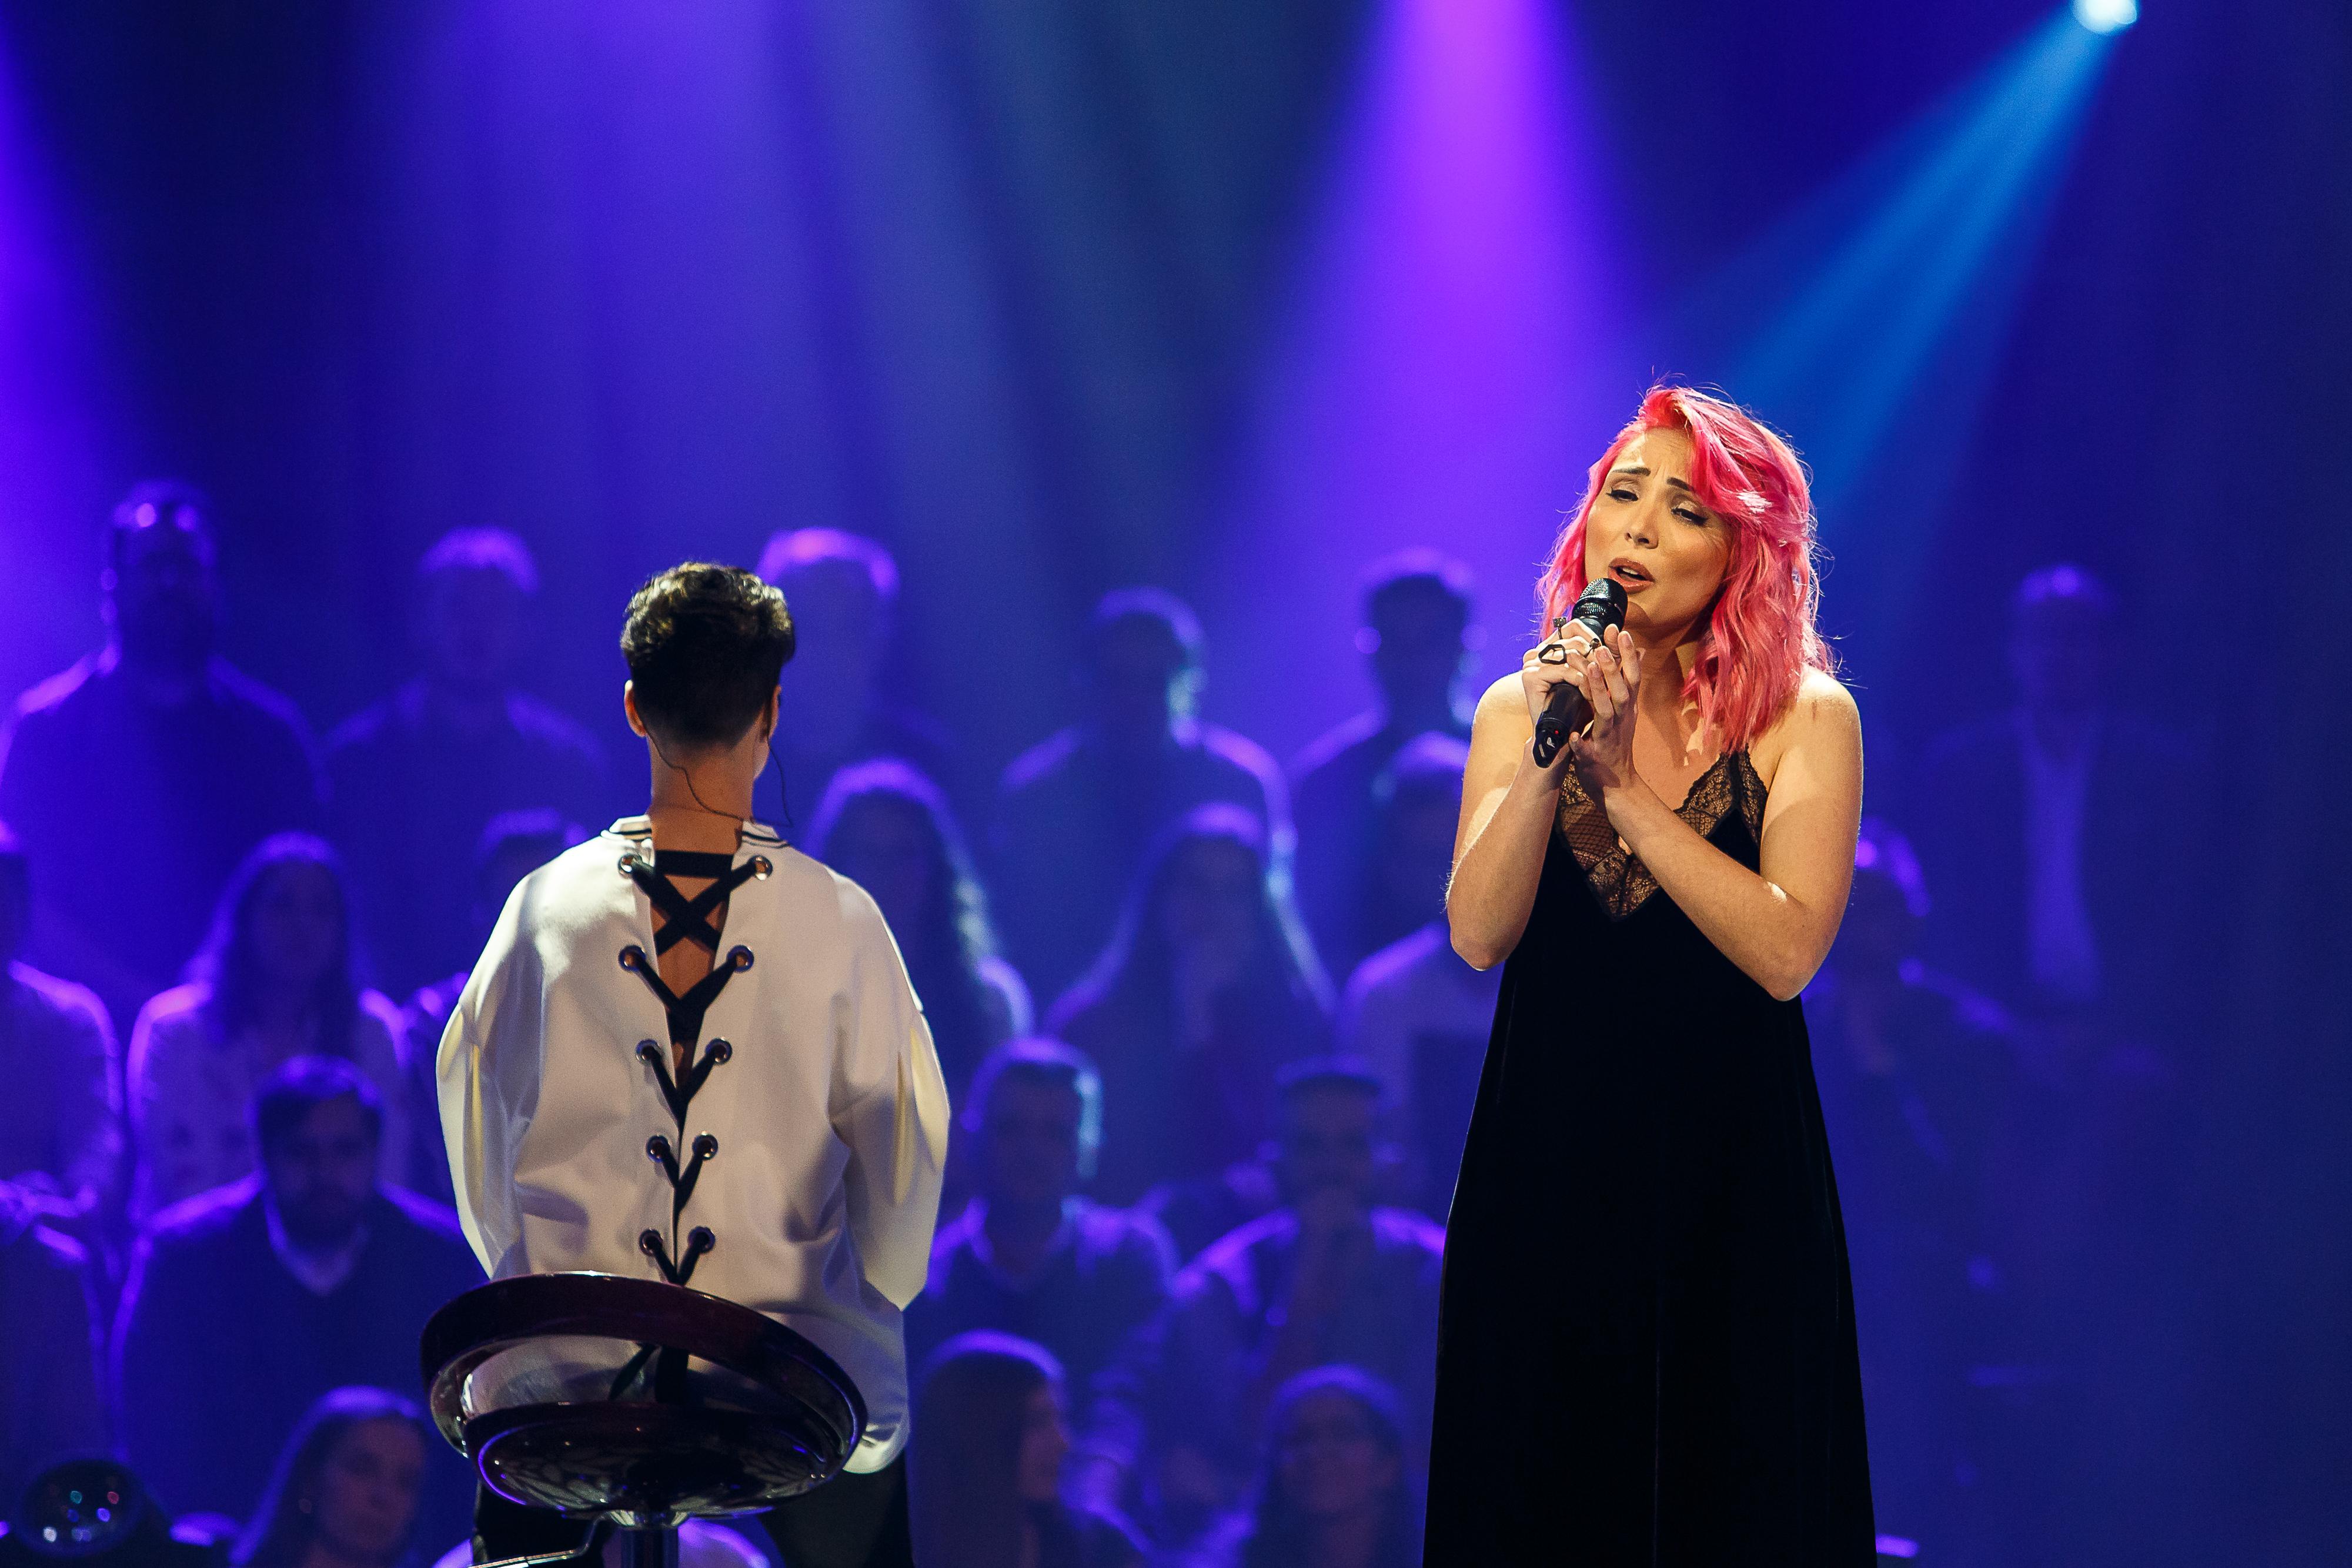 Eurovisão: fãs alemães dão zero pontos a Portugal